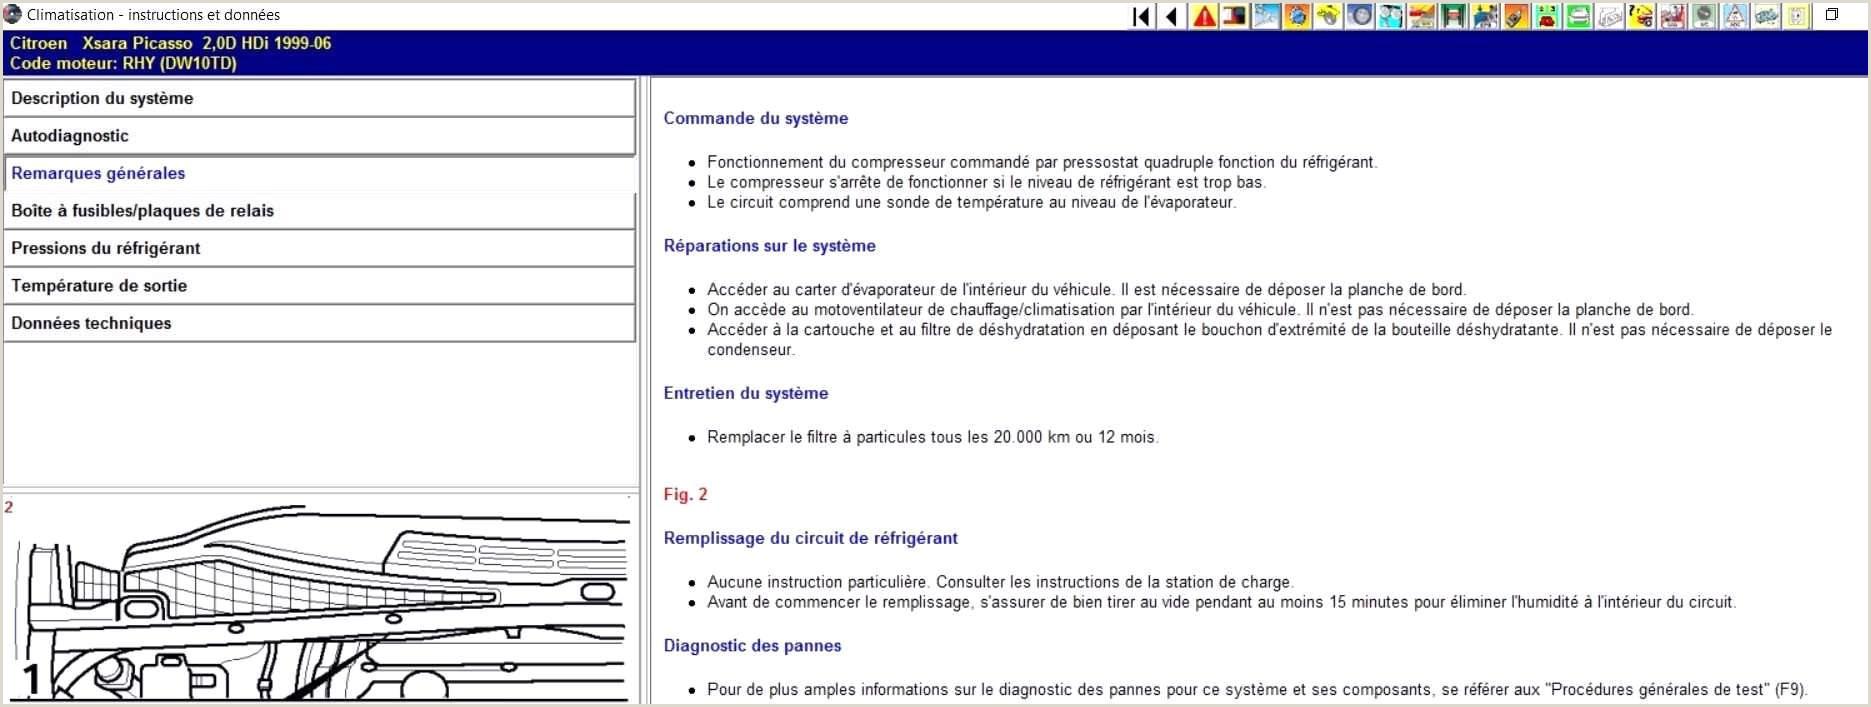 Exemple De Cv Pour Stage Exemple Modele De Cv Pour Stage Iulitte